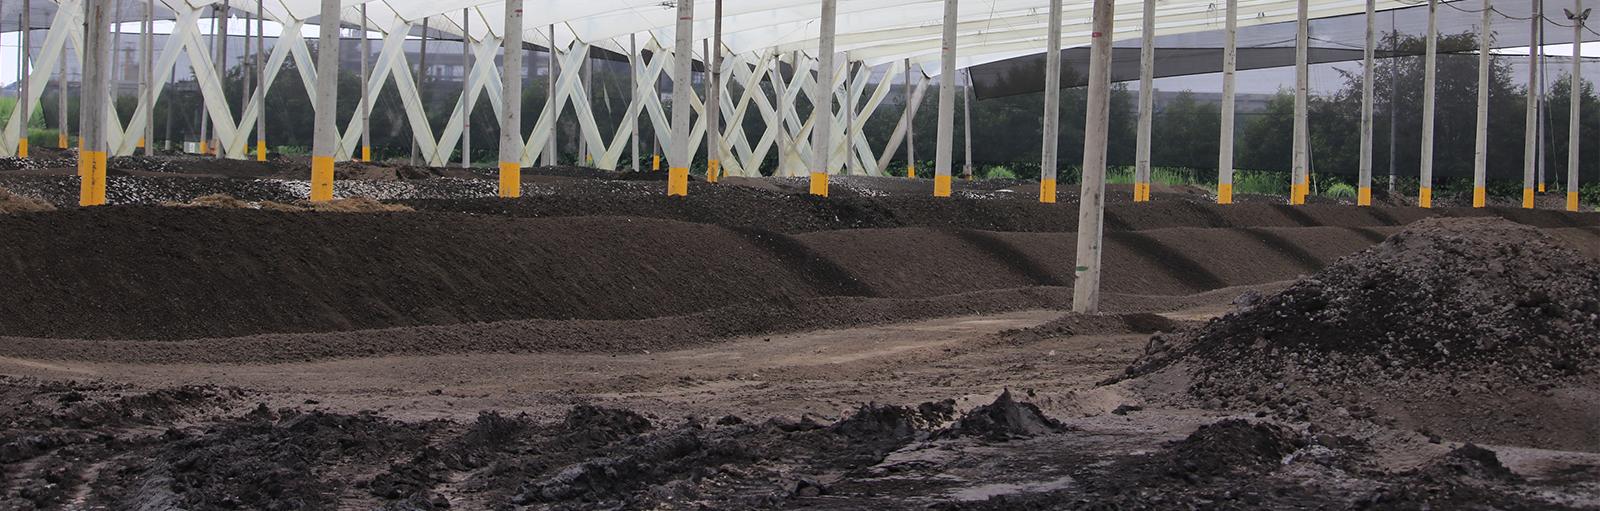 Control of odours in sludges: Compost Processing Plant in Ingenio Del Cauca